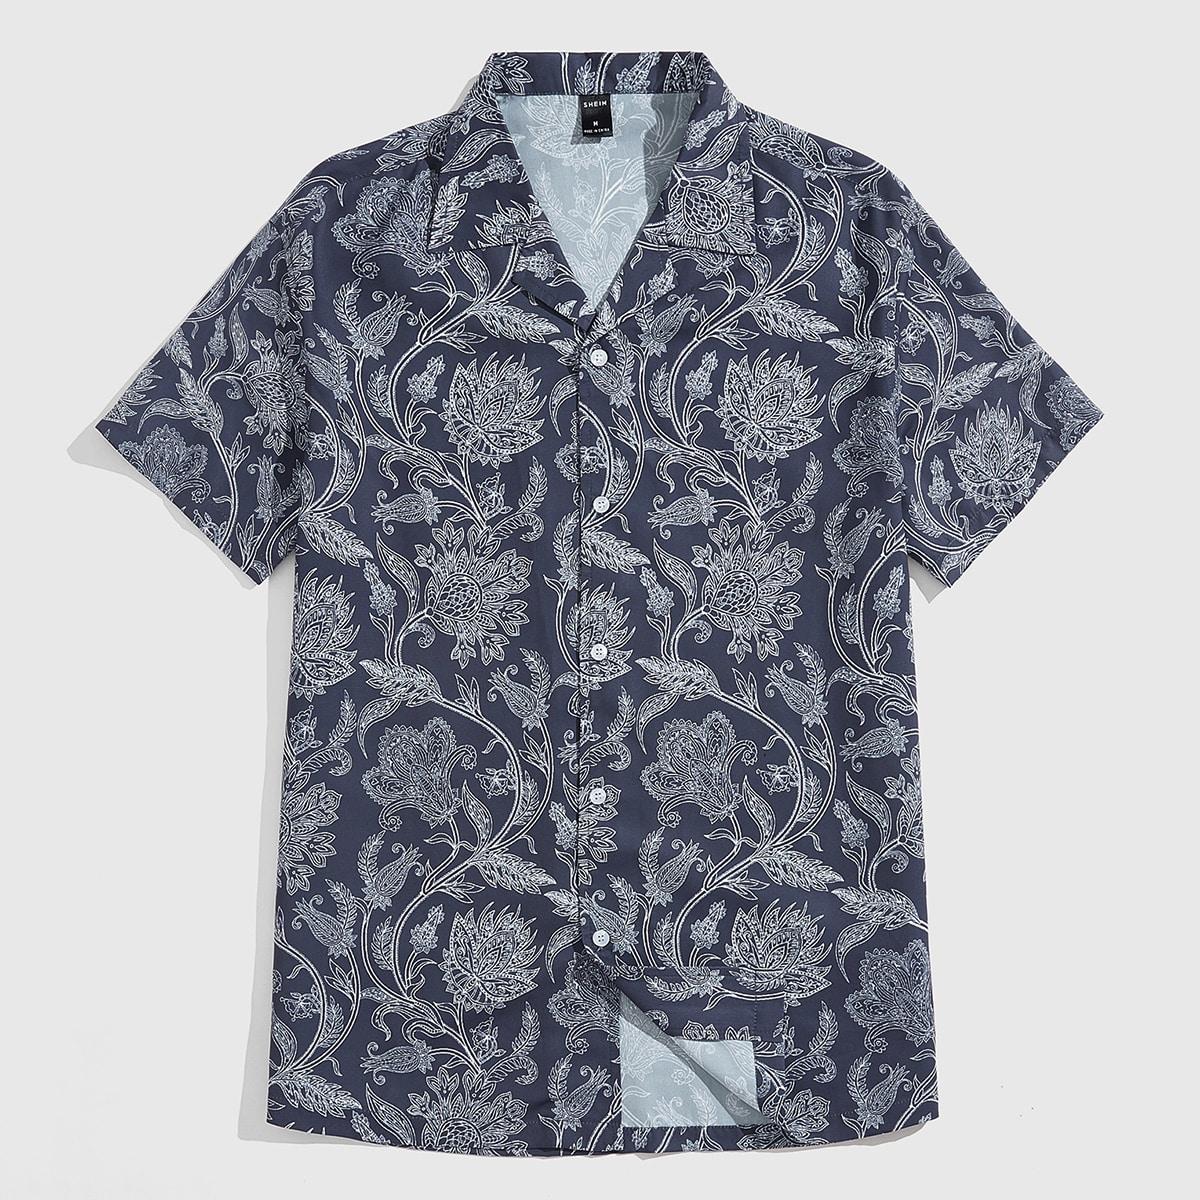 Мужской Рубашка с цветочным принтом на пуговицах